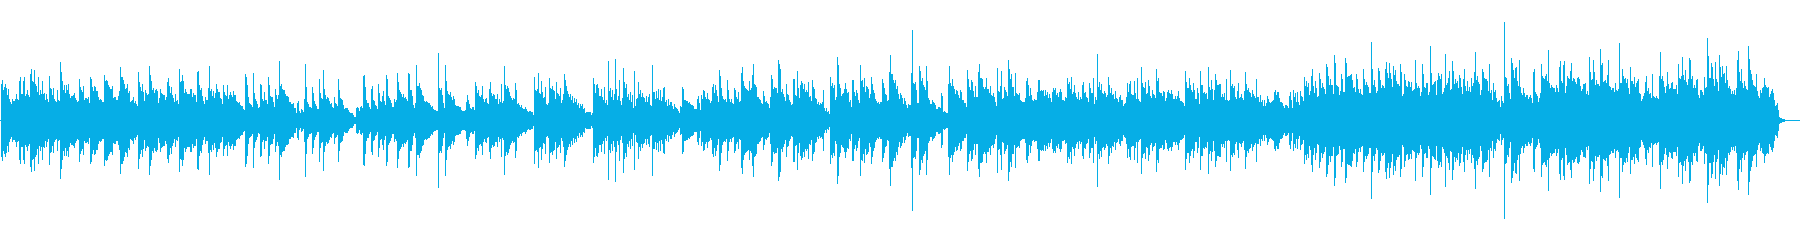 ほのぼのと穏やかな懐かしいアコギ生演奏の再生済みの波形